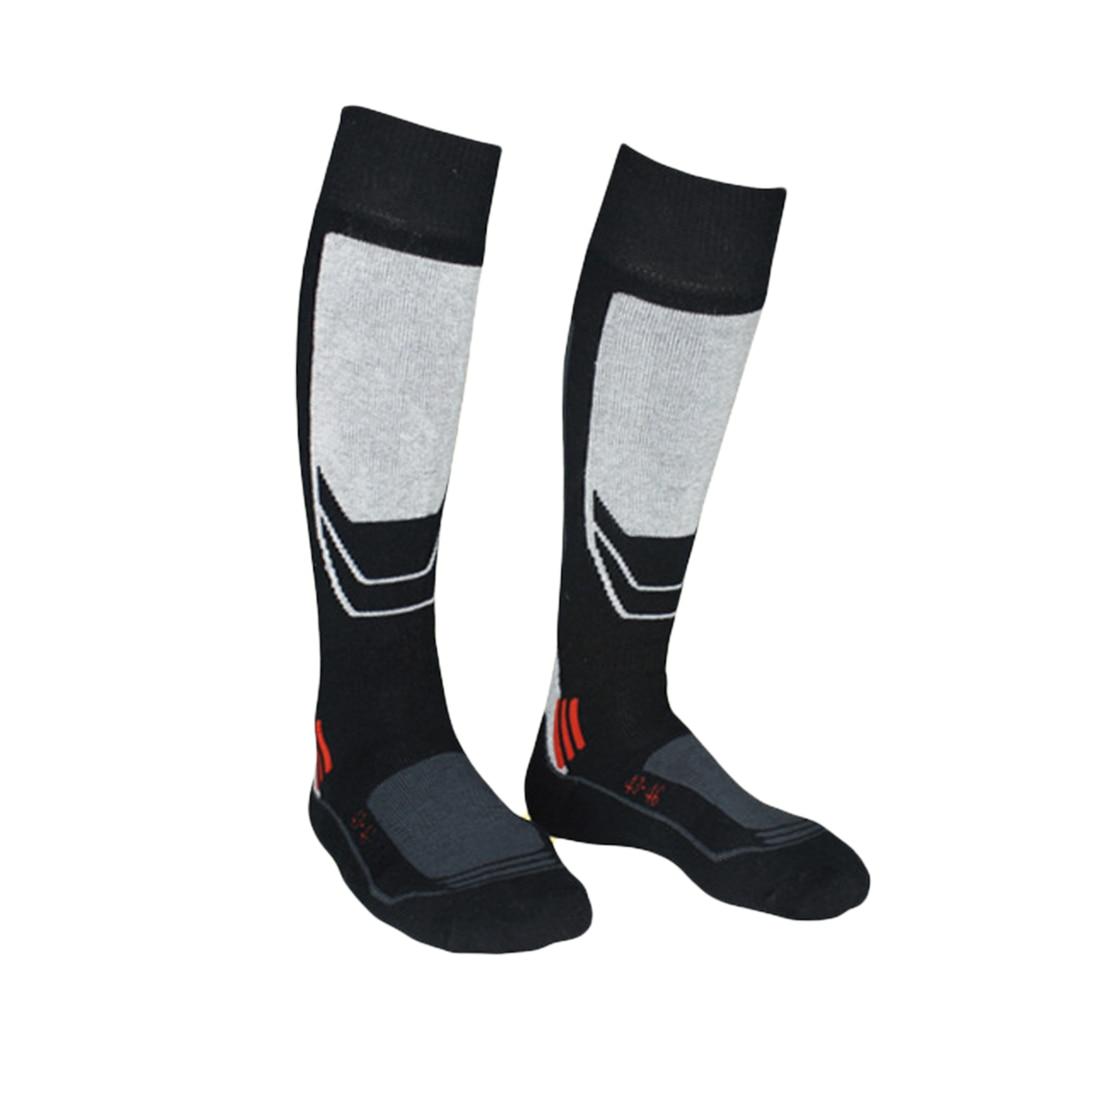 Новые зимние теплые Для мужчин Термальность Дышащие носки толстые хлопчатобумажные спортивные сноуборд Велоспорт Лыжный Спорт Футбол Нос...